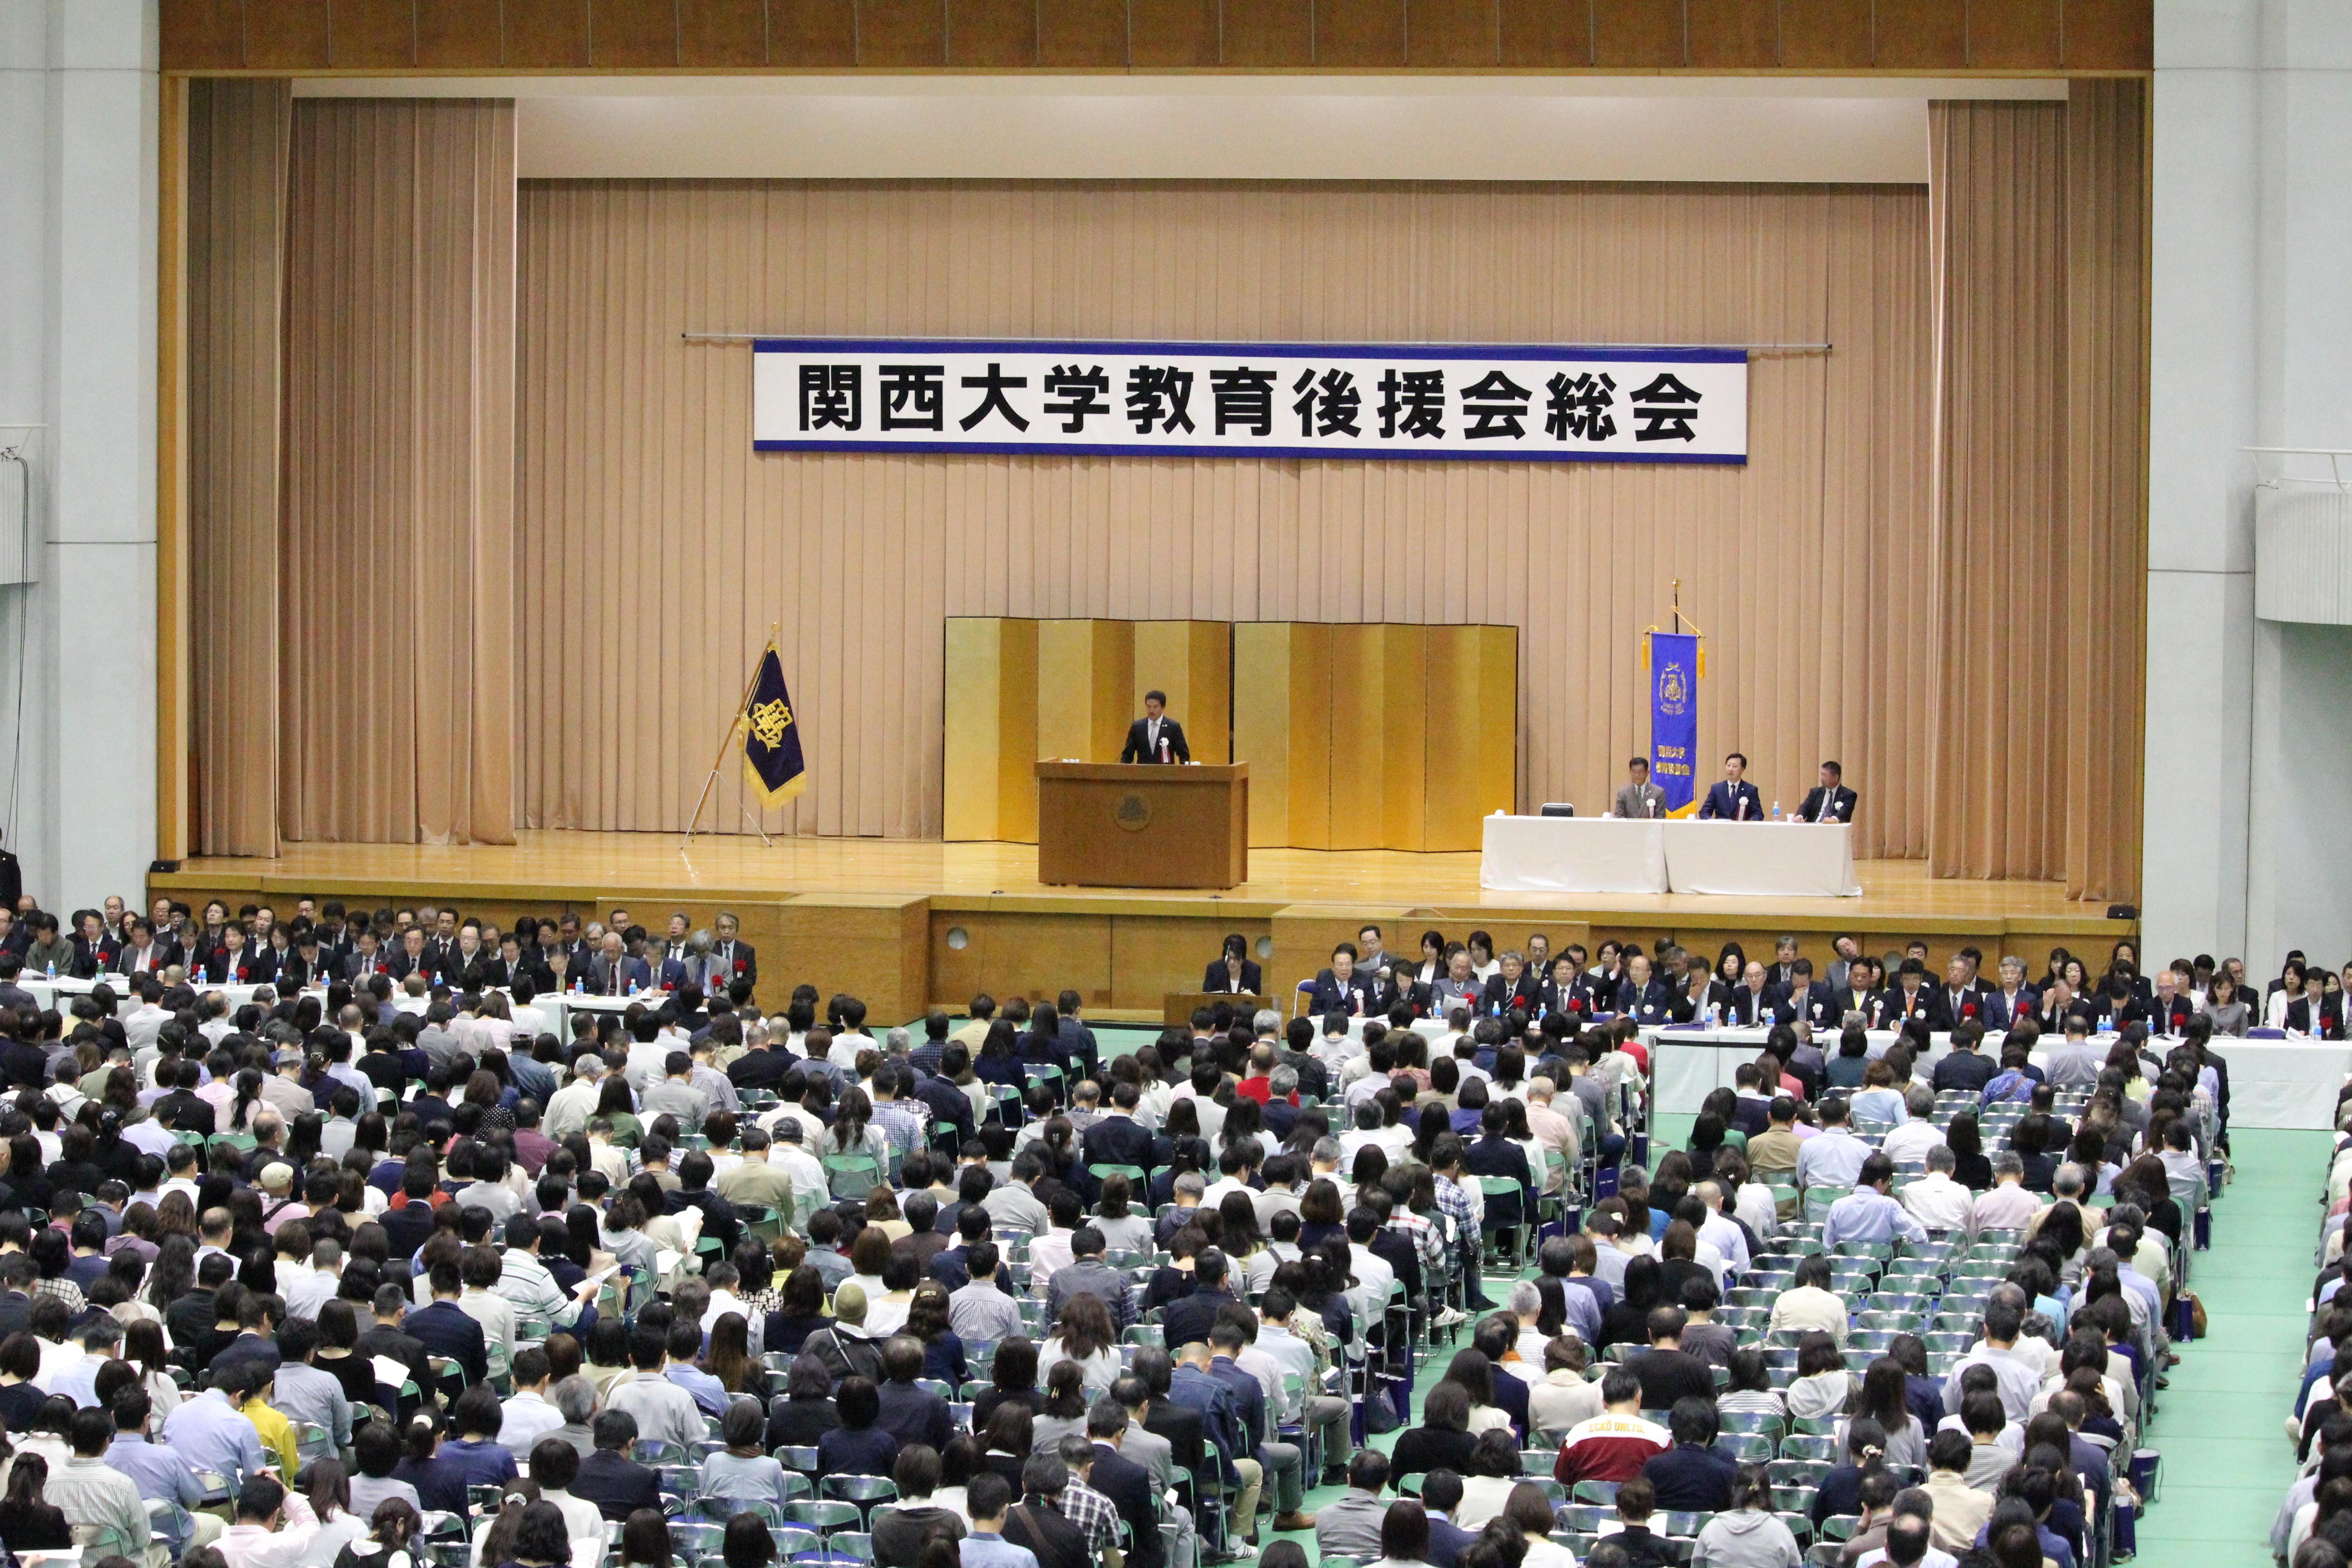 ◆関西大学教育後援会総会&教育懇談会を開催◆全国最大 約5,500人が参加!「父母(保護者)の1日大学」